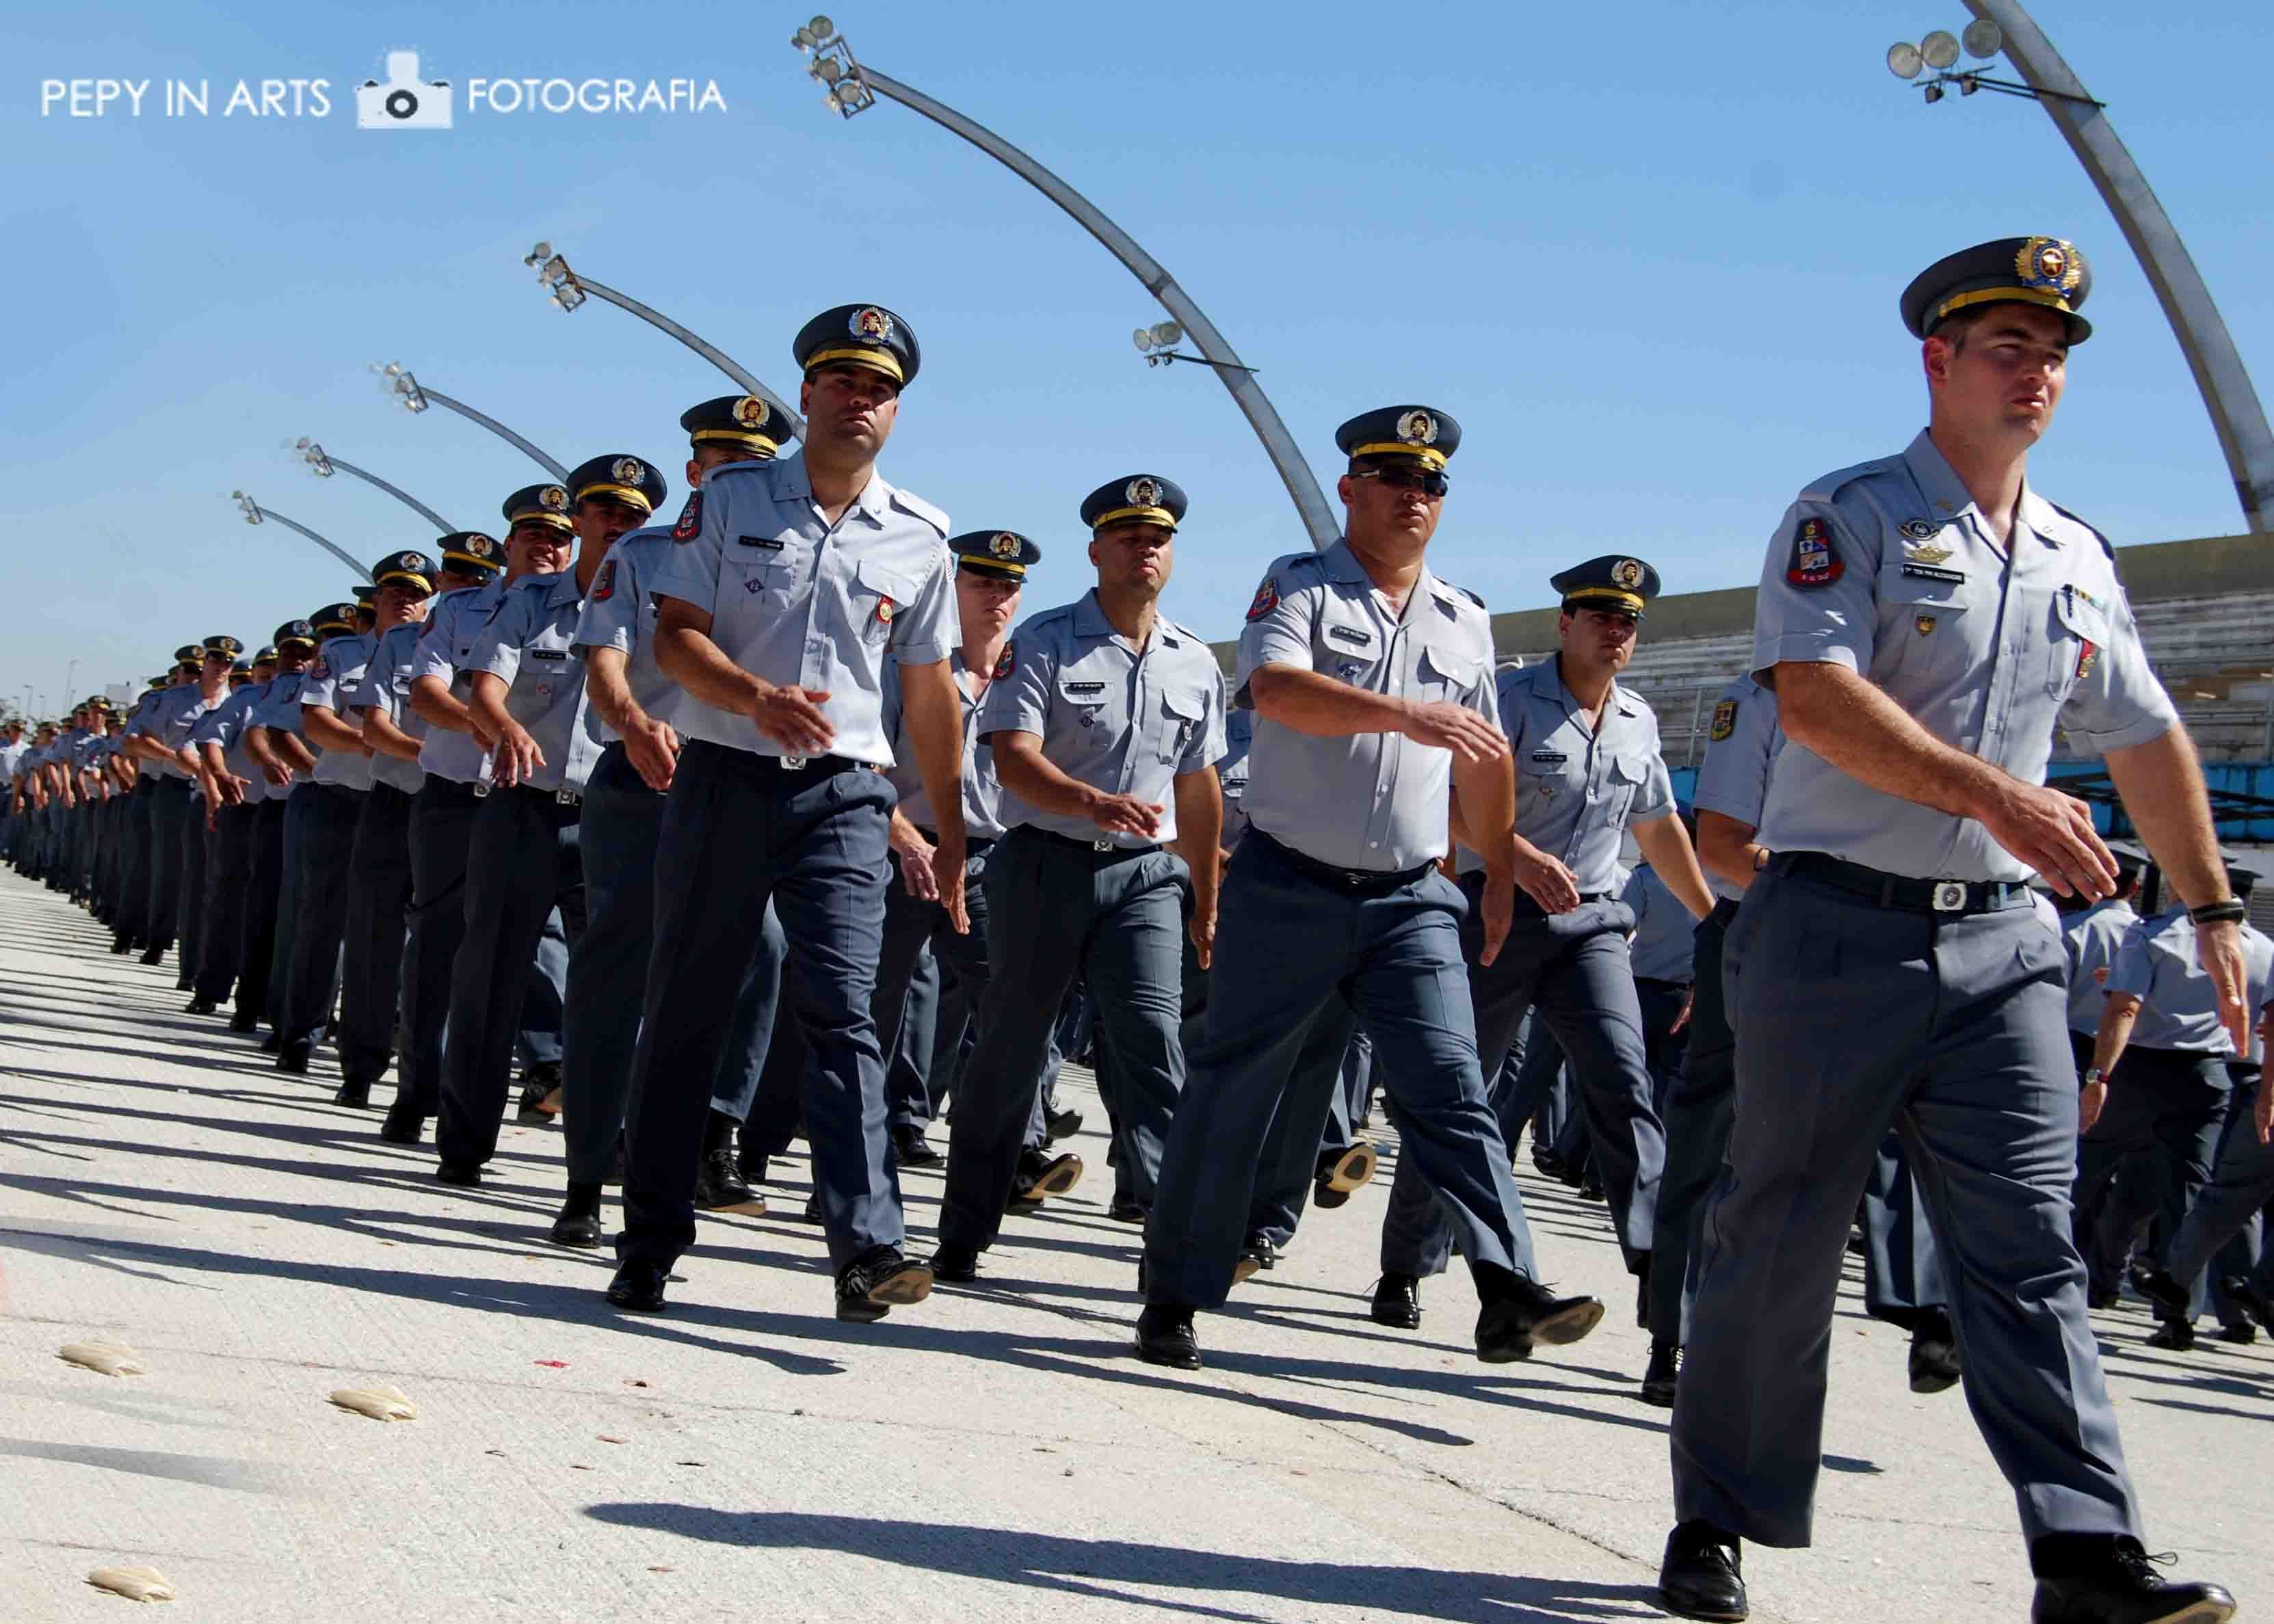 Formatura De Sargentos Da Policia Militar De Sao Paulo Anhembi